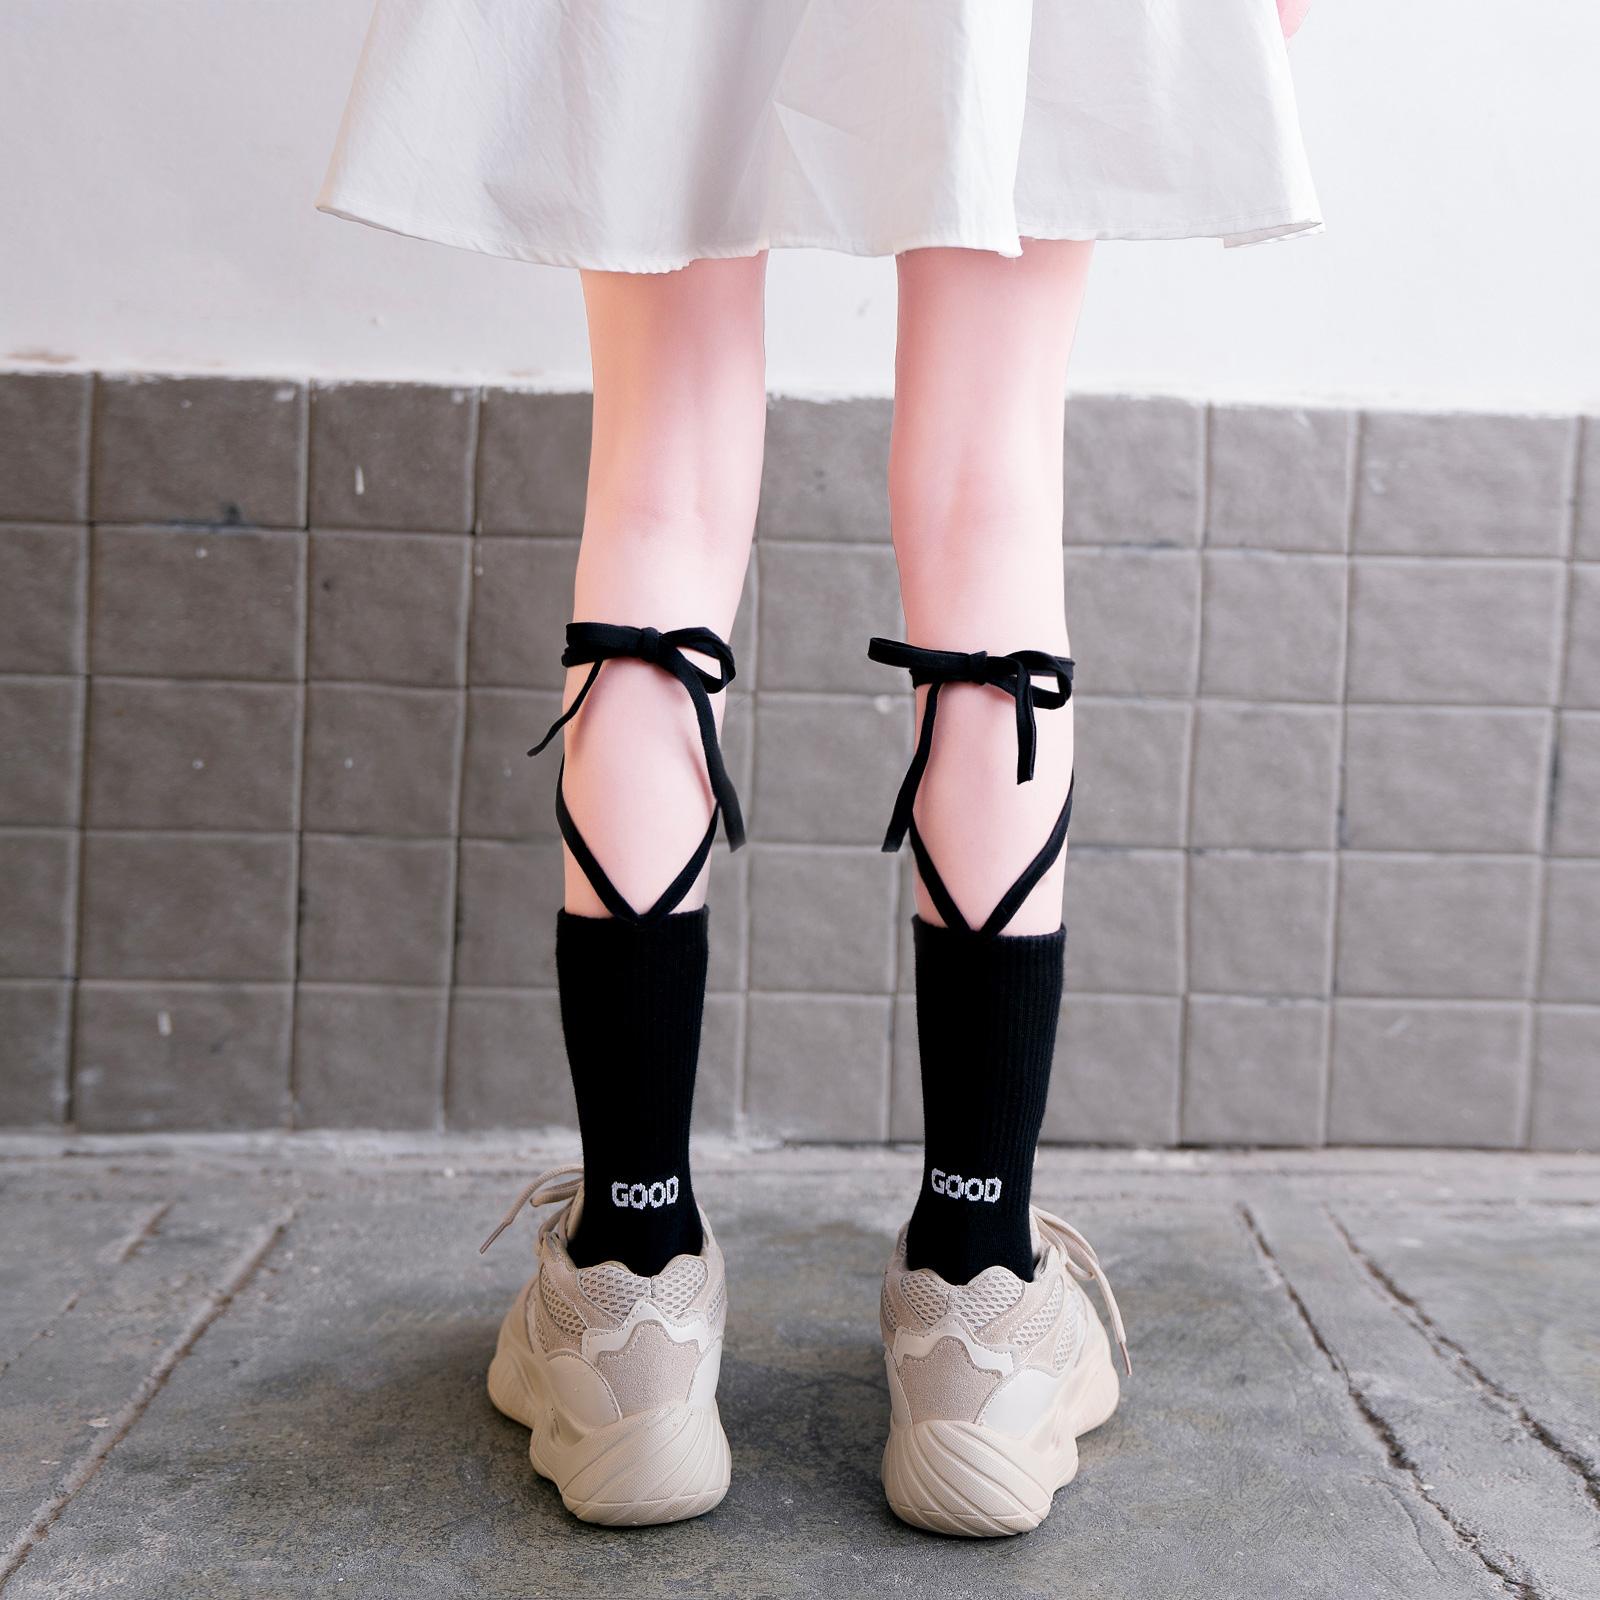 lolita交叉绑带袜子女ins潮秋冬小腿袜过膝长筒袜日系黑色中筒袜